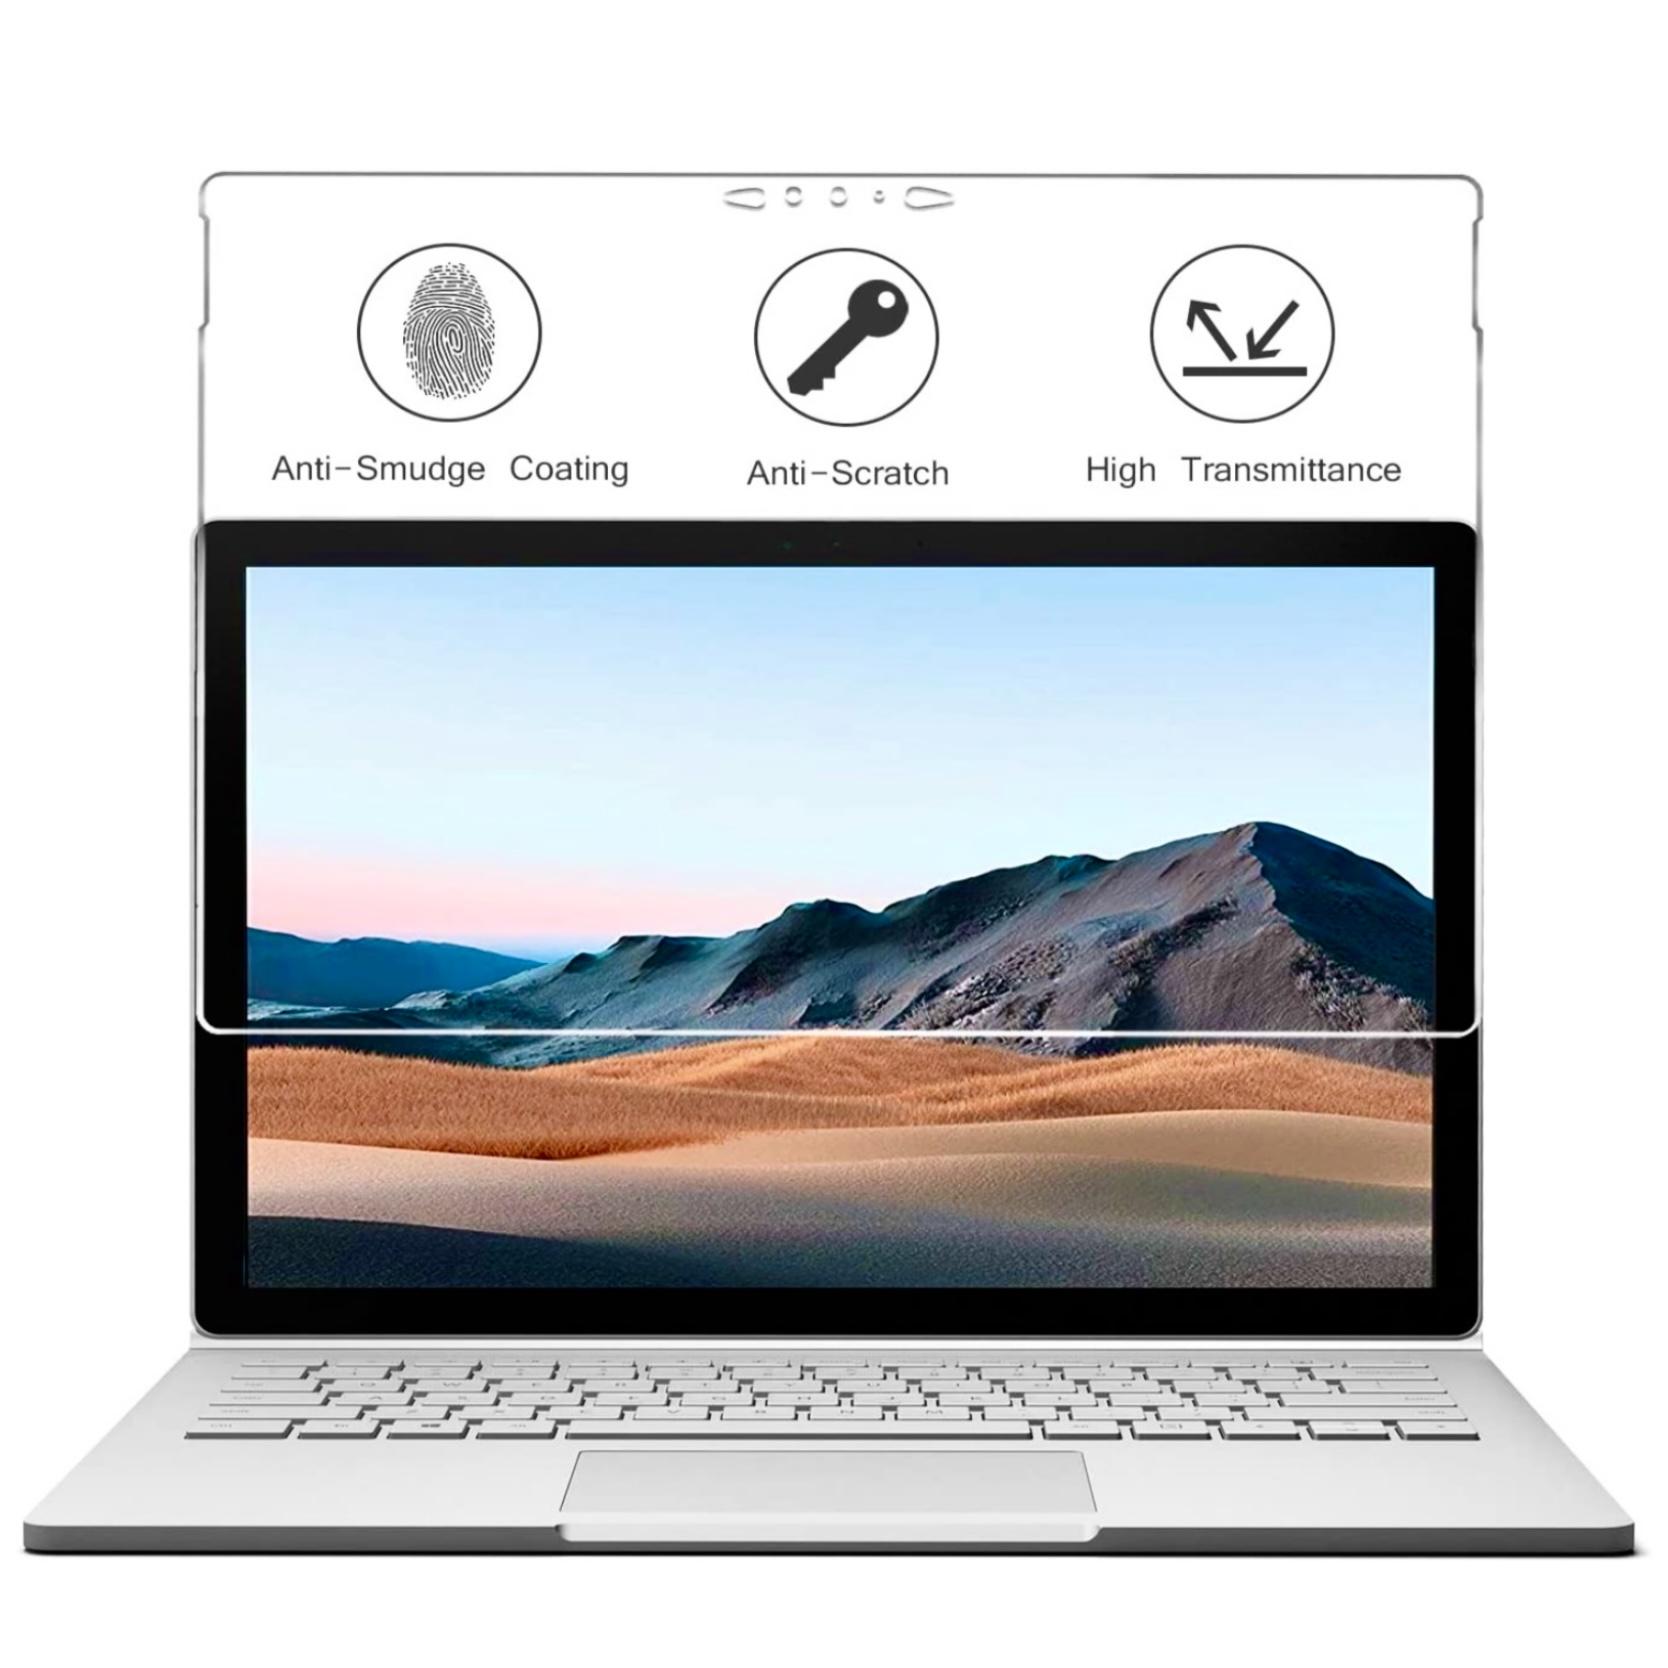 Microsoft Surface Book 3 15p Verre de protection ecran renforce Premium 9H